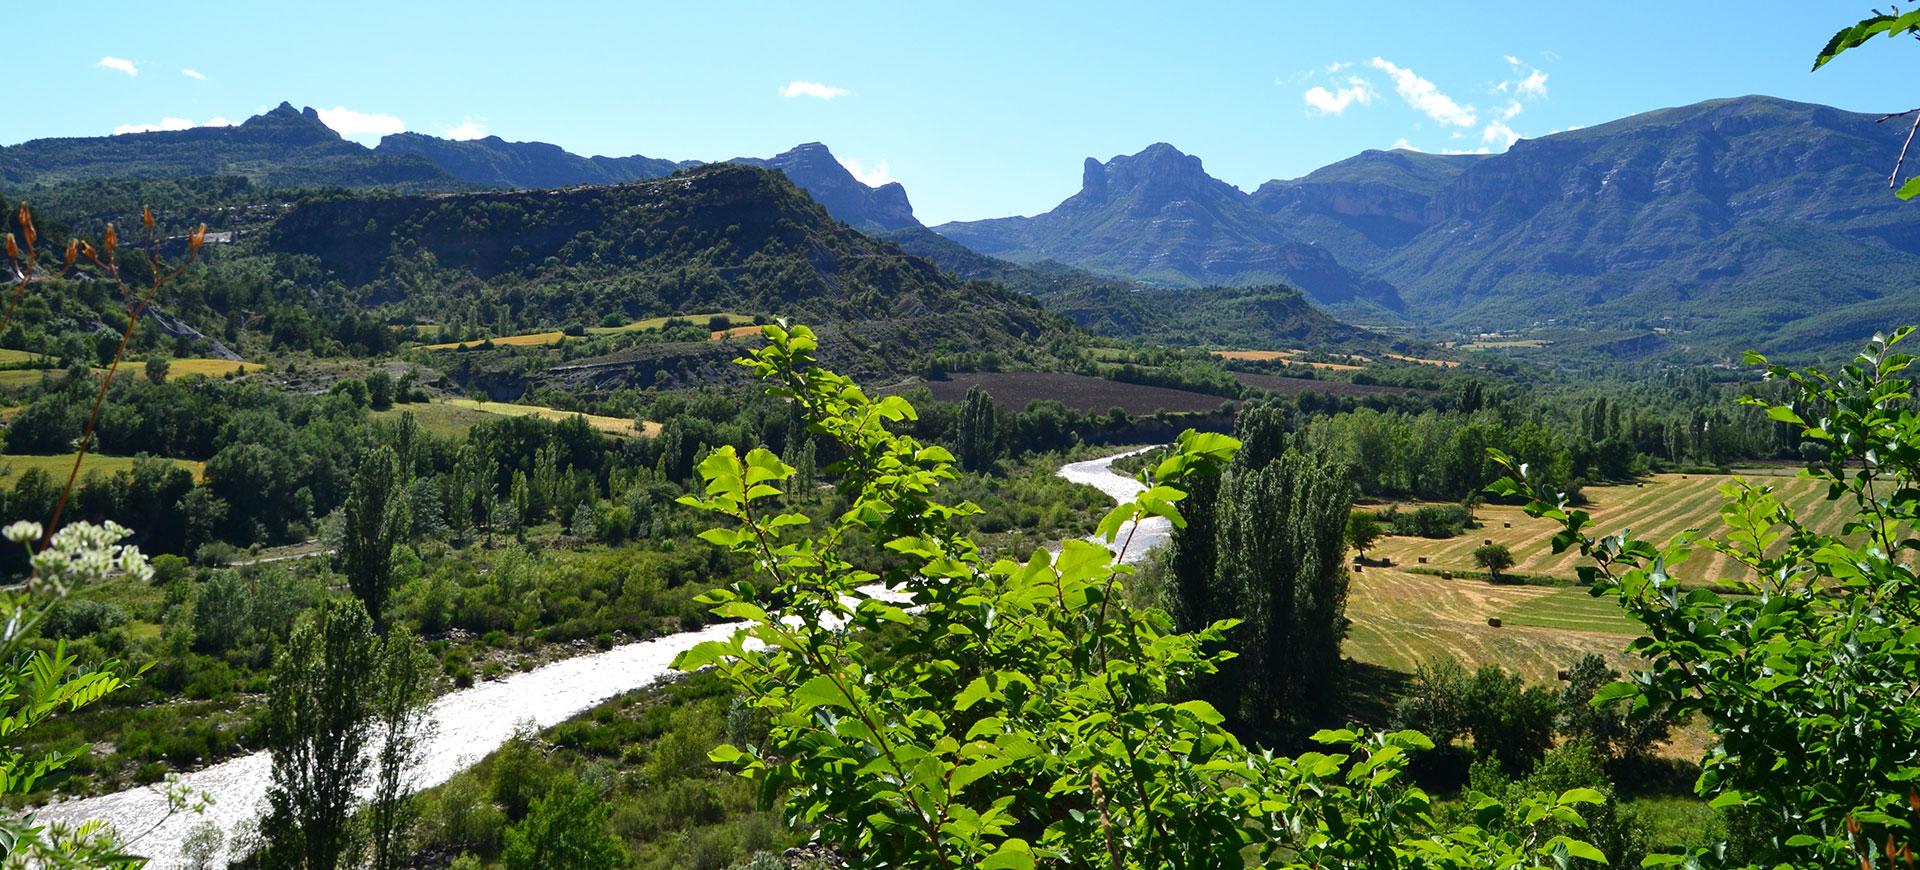 Aktiv - und Wanderurlaub in den Pyrenäen